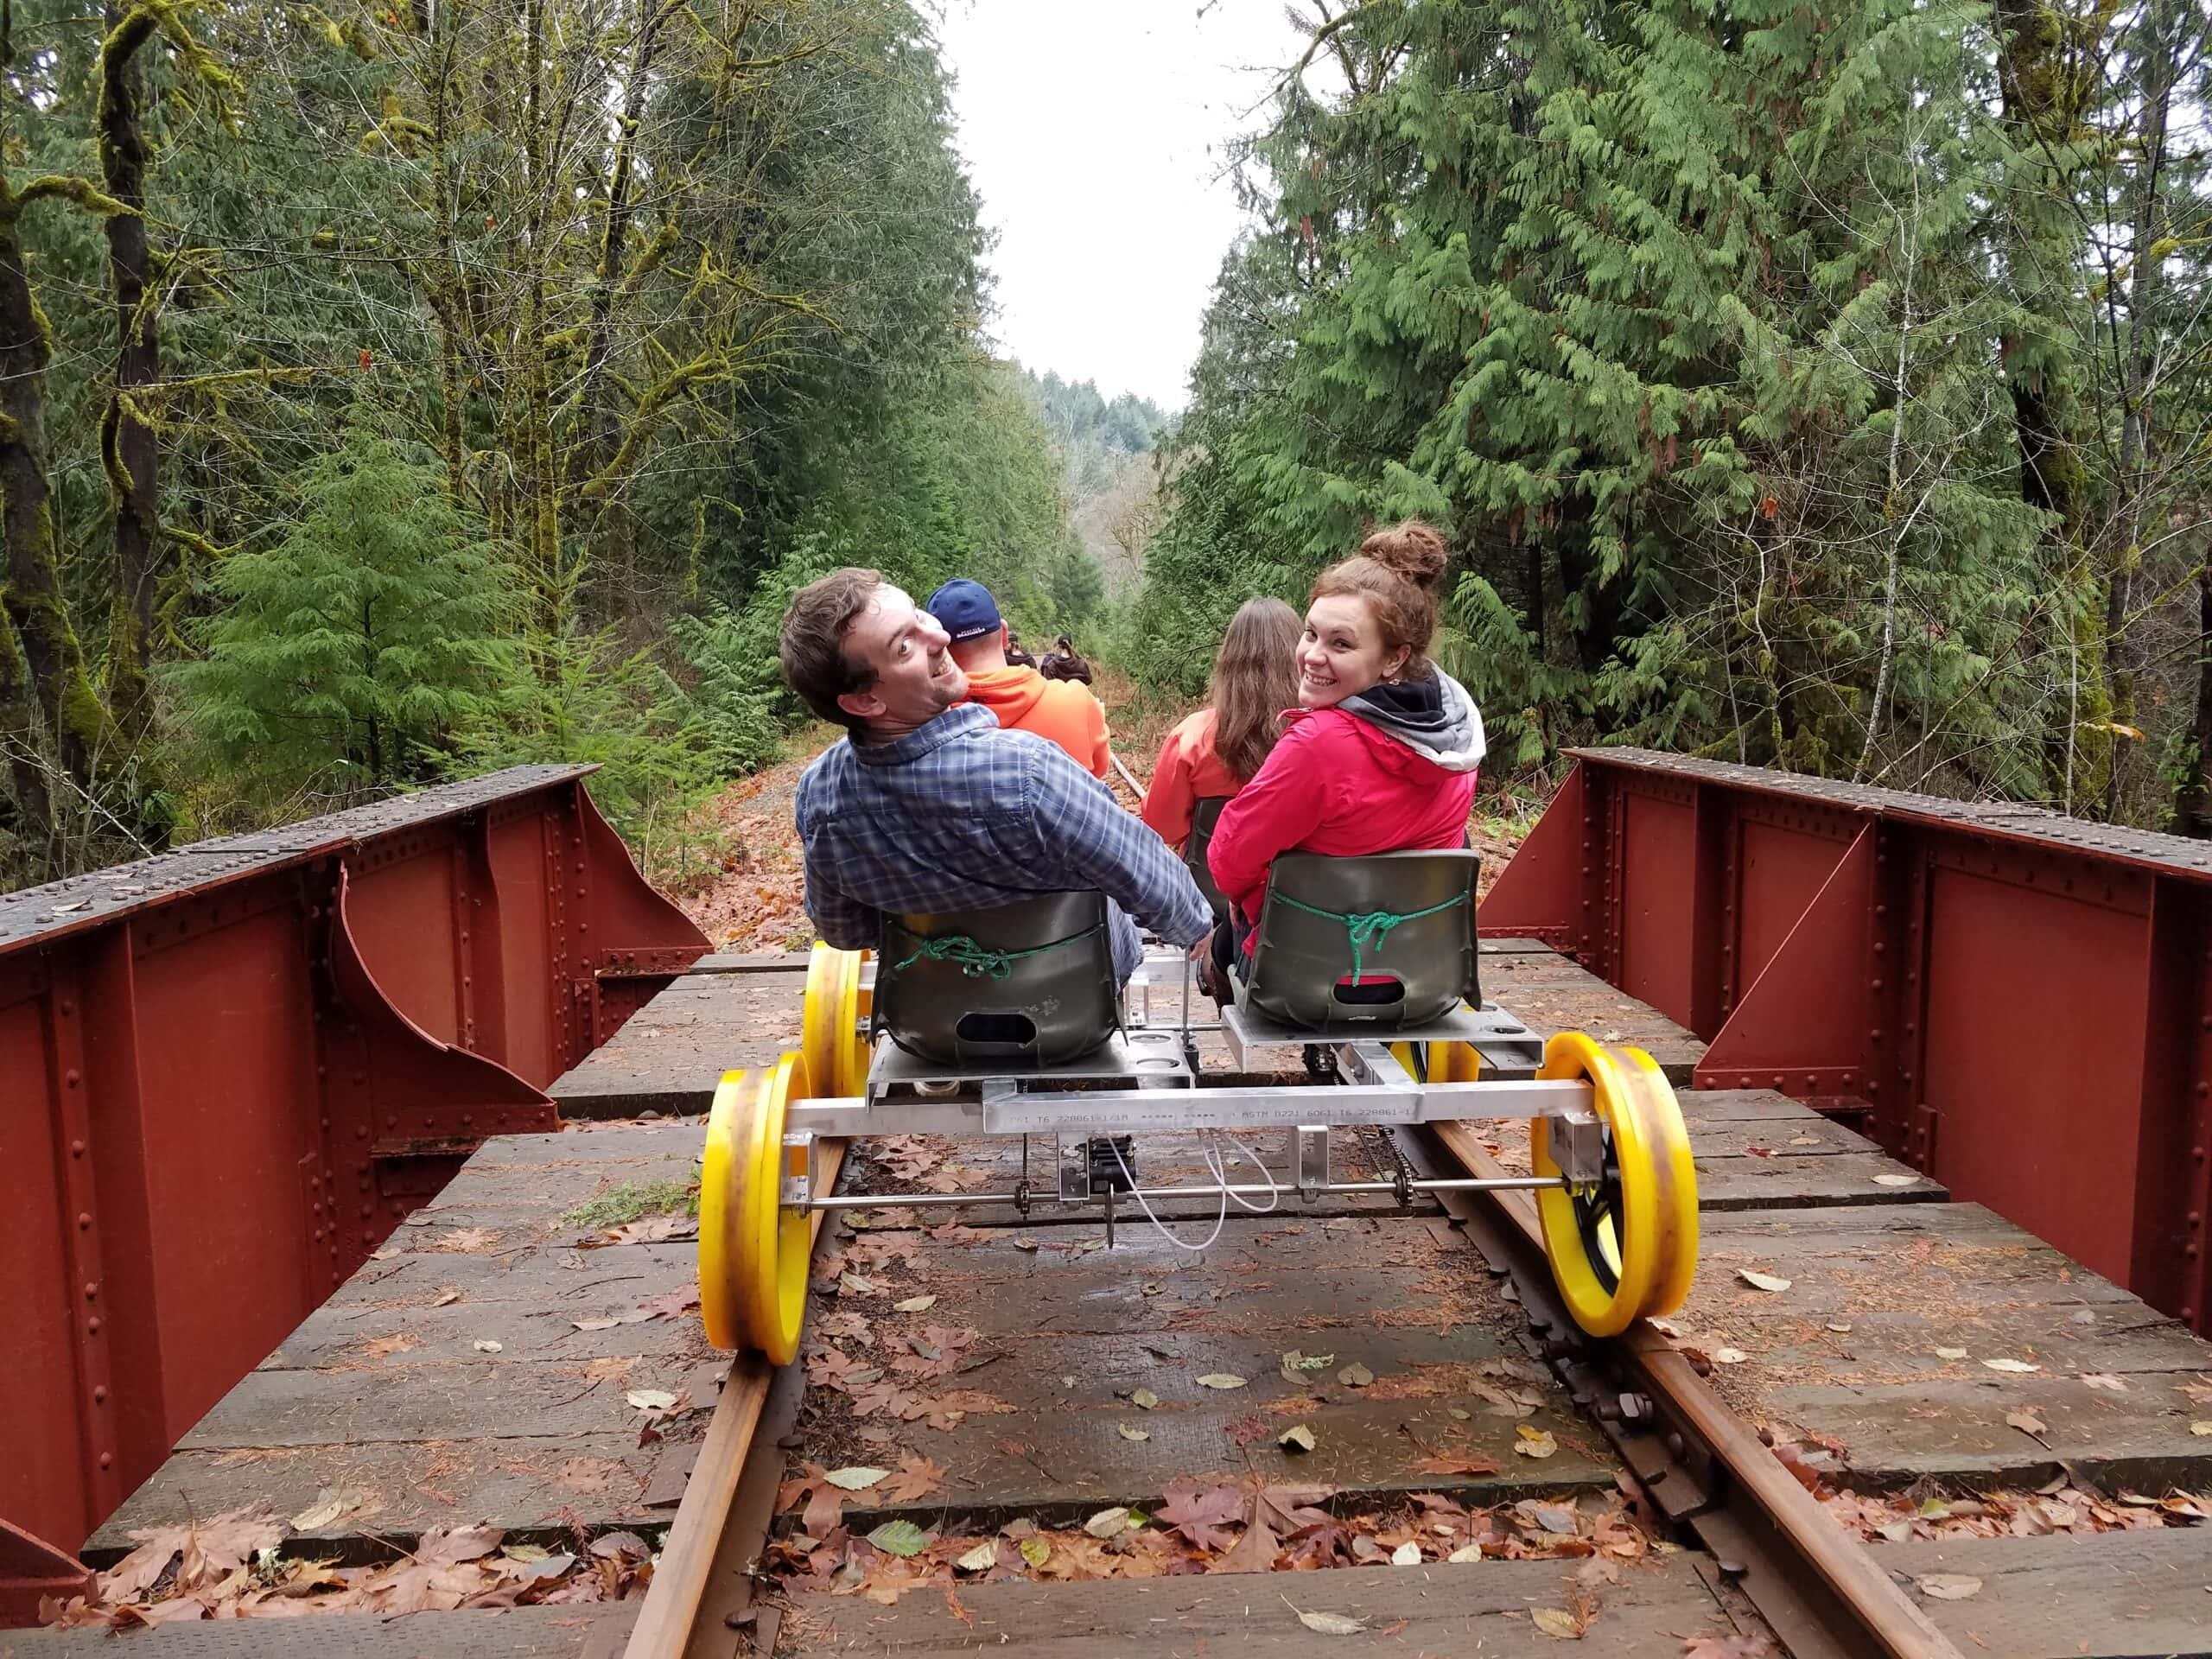 Vance Creek Railriders